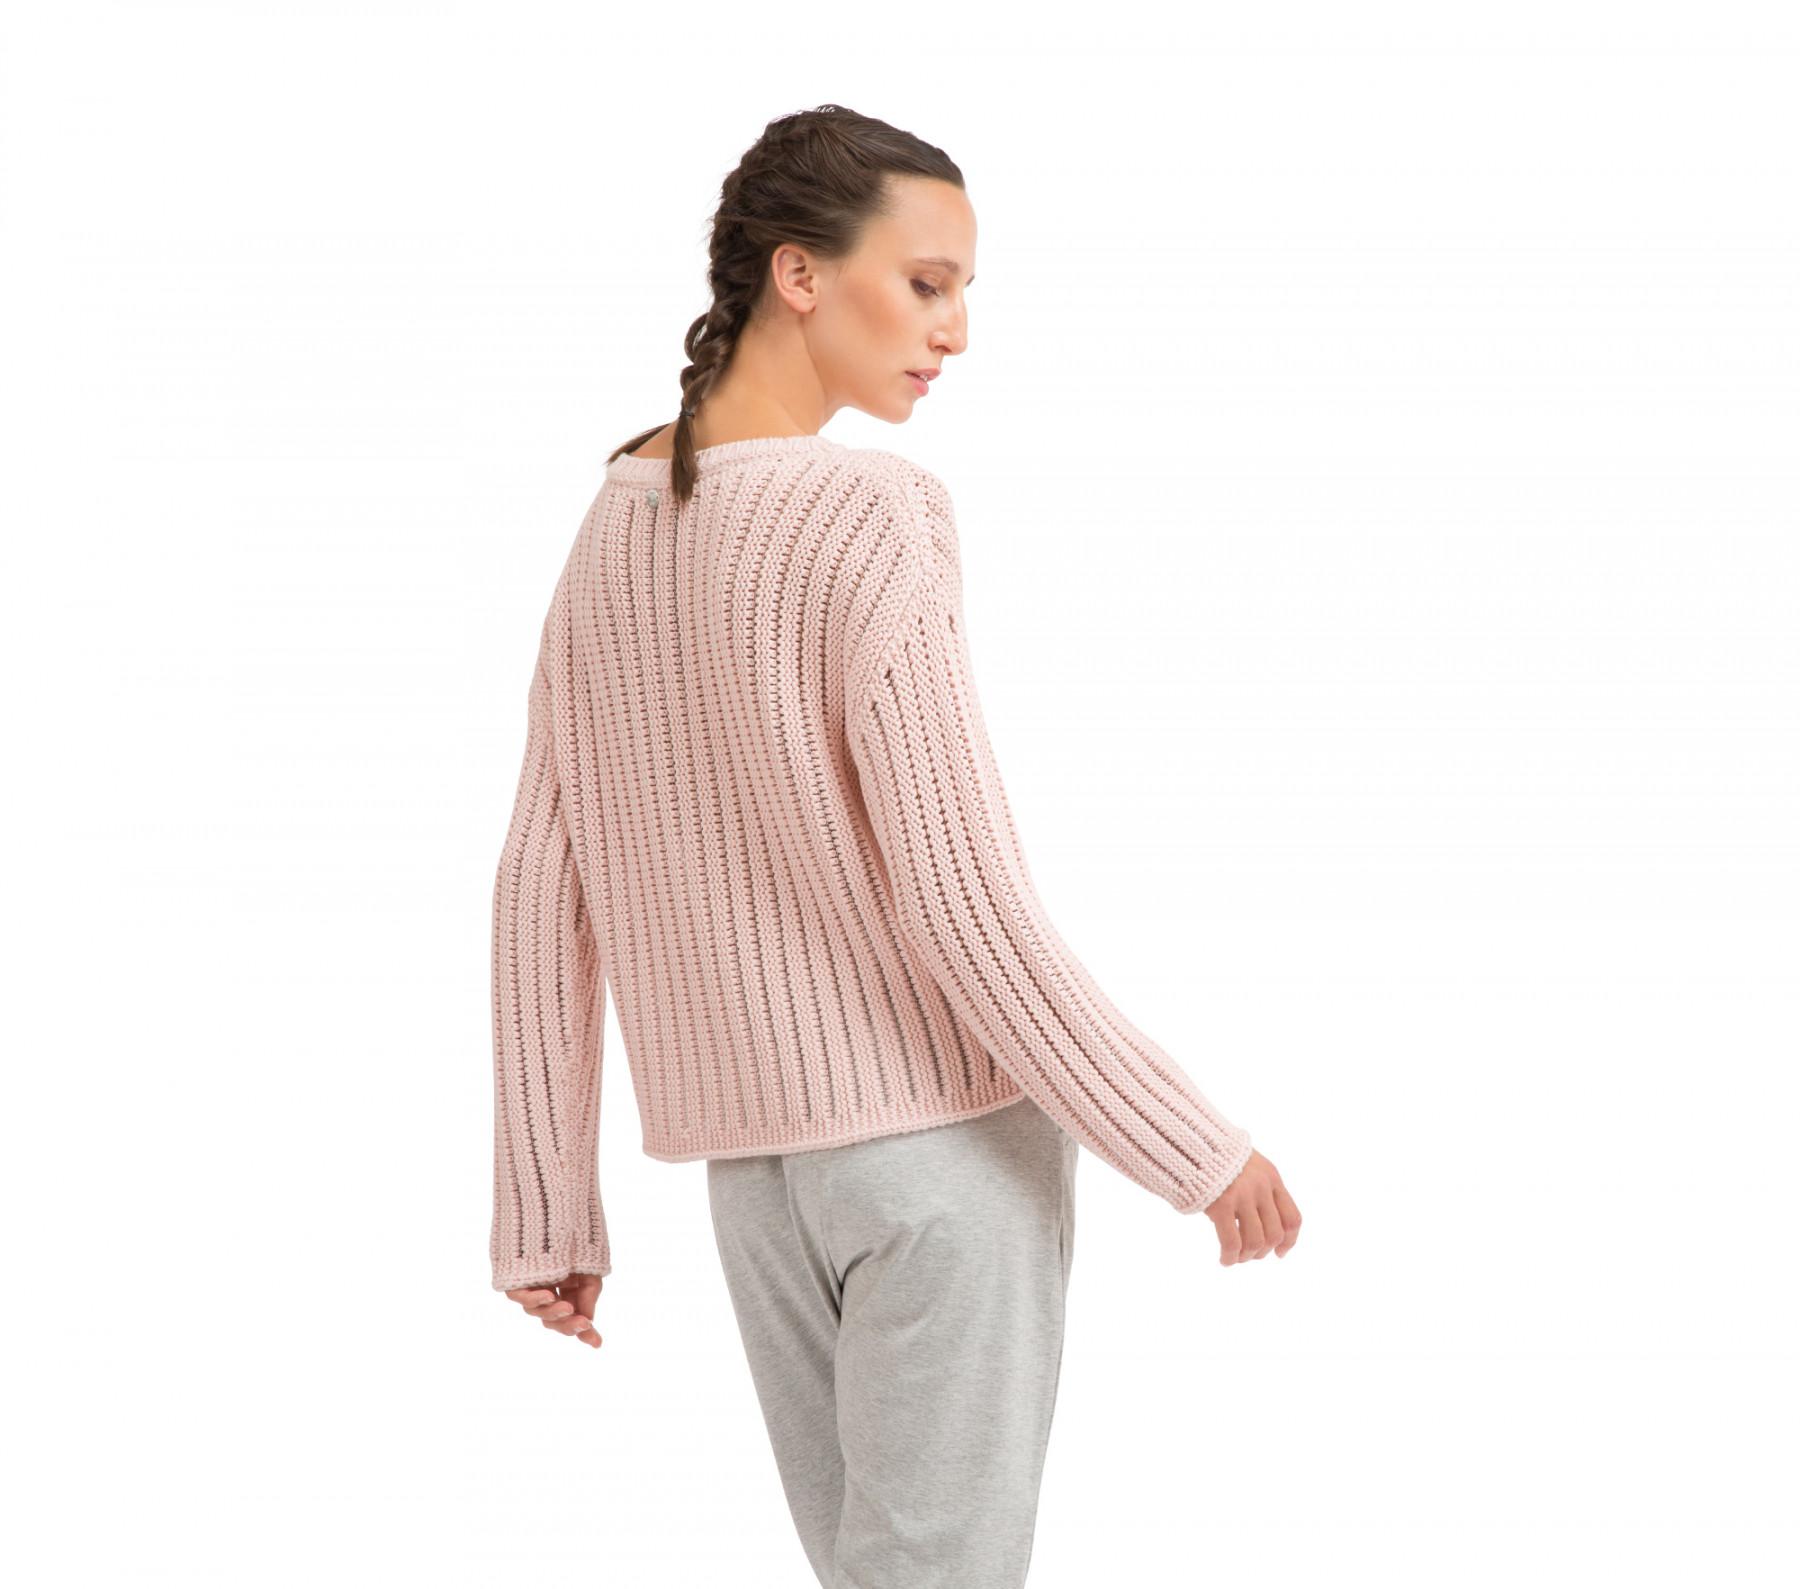 Pull dritto in maglia 3D traforata